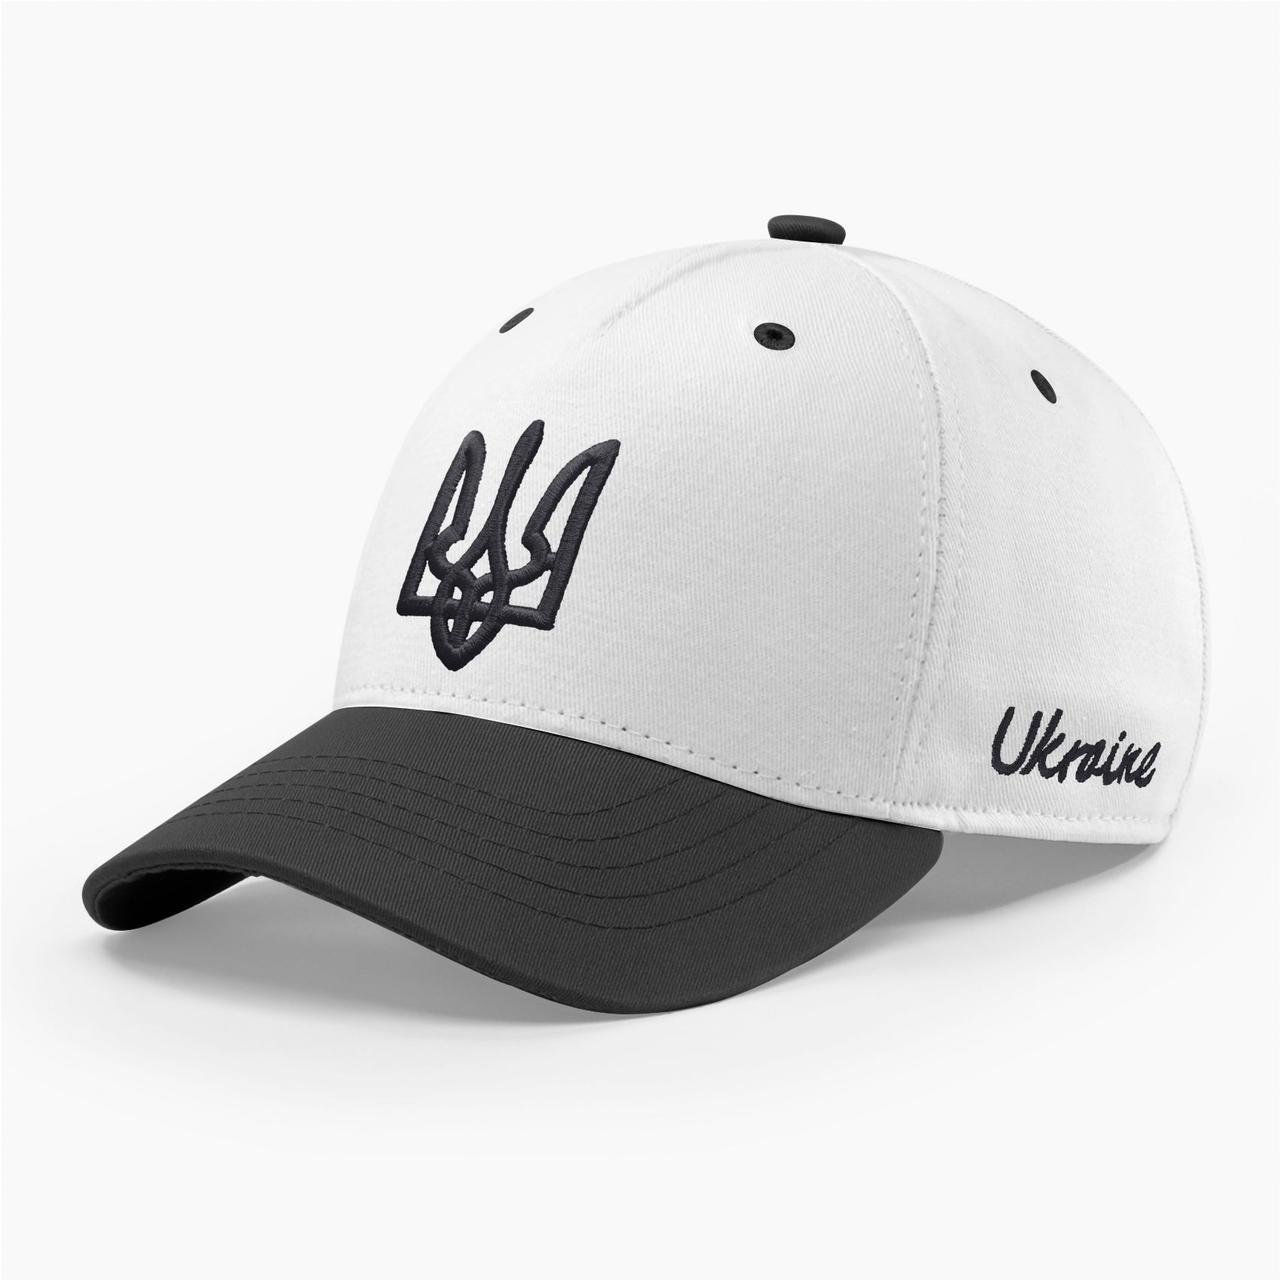 Кепка бейсболка мужская INAL с гербом Украины S / 53-54 RU Белый 280653